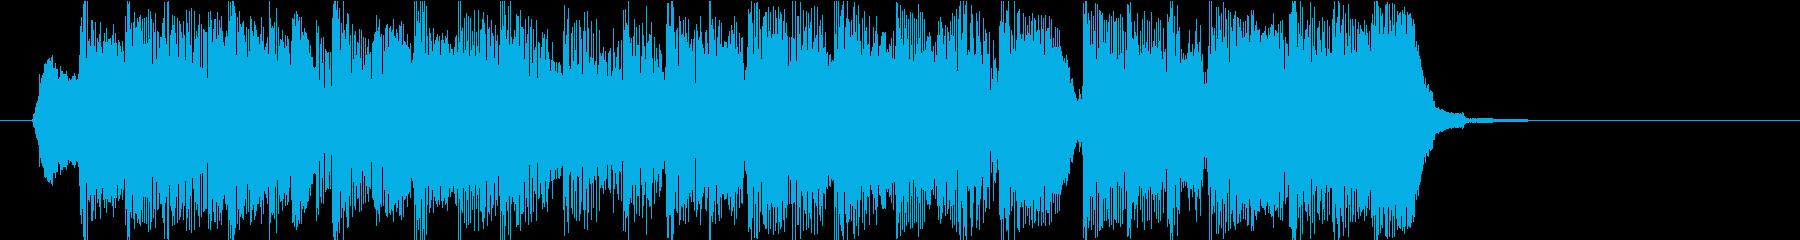 ほのぼのしたキャラ アイキャッチの再生済みの波形